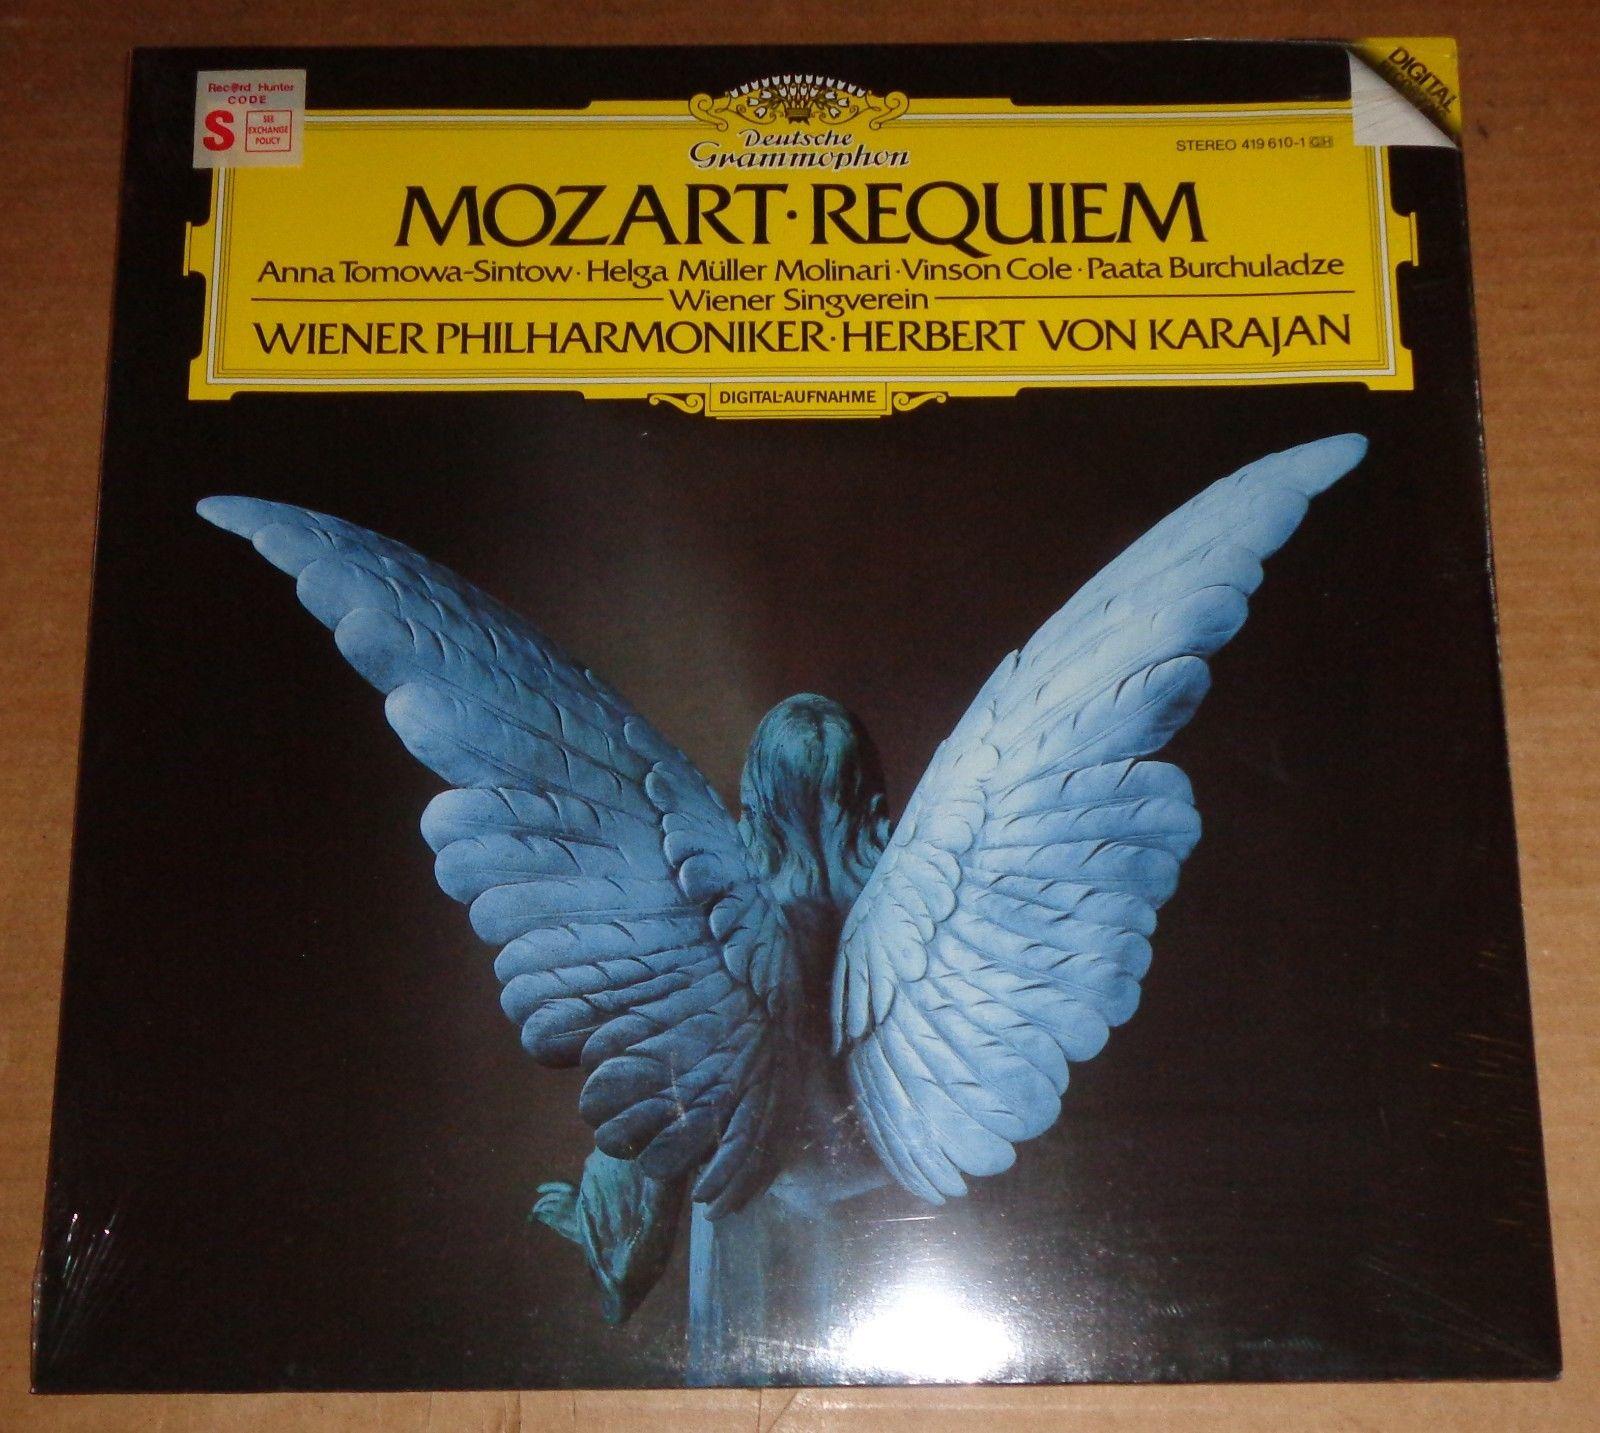 Karajan/Vienna Philharmonic MOZART Requiem - DG Digital 419 610-1 SEALED